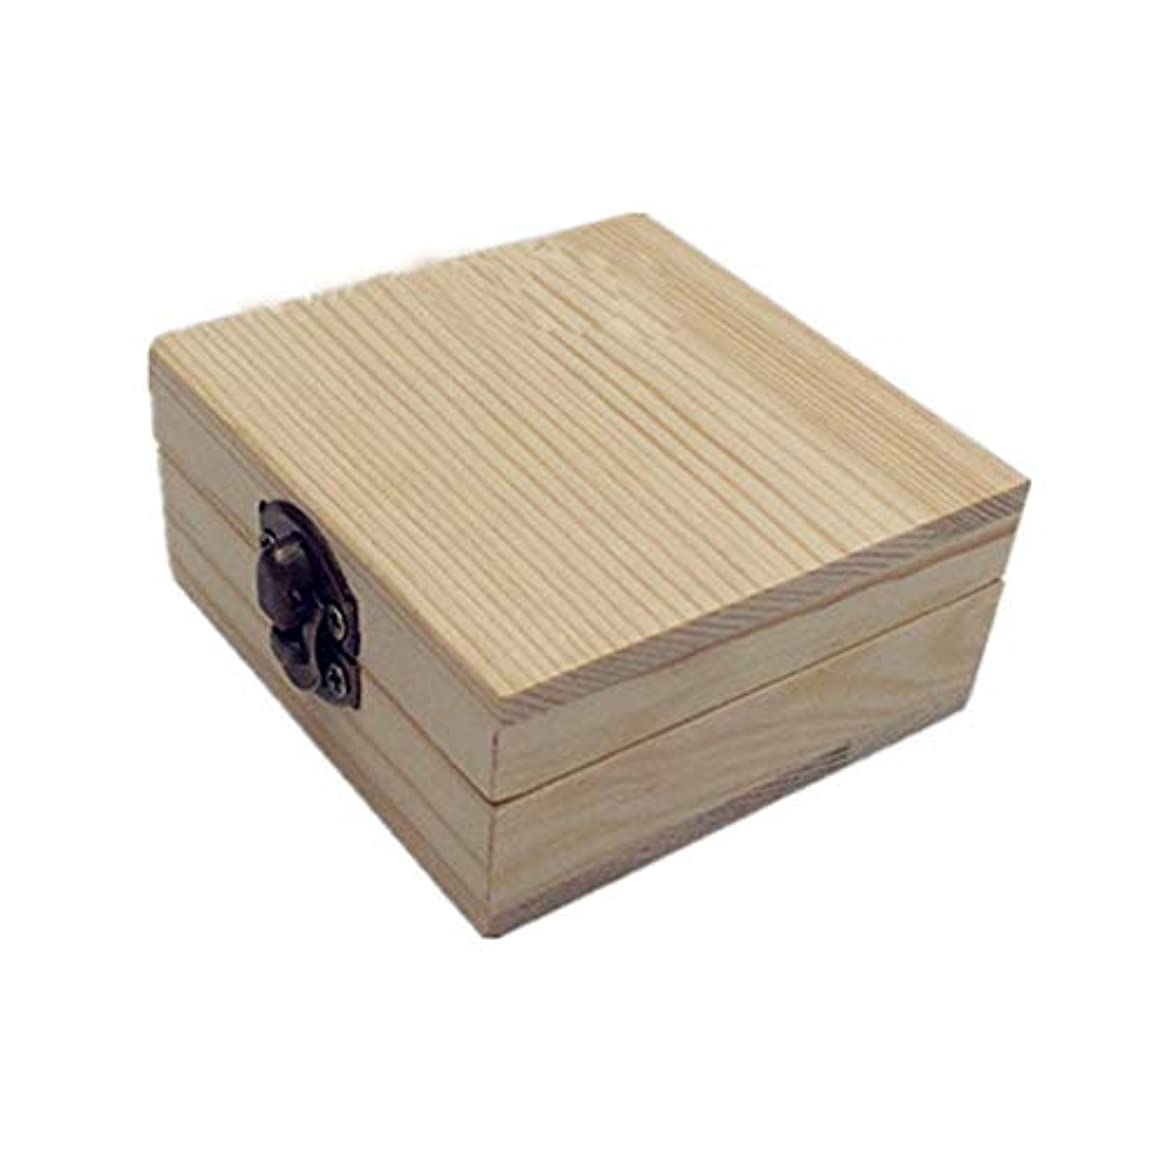 膜発見馬鹿げたエッセンシャルオイルの保管 木製のエッセンシャルオイルボックスパーフェクトエッセンシャルオイルケースは2本のボトルエッセンシャルオイルのために保持します (色 : Natural, サイズ : 7X7X3.5CM)